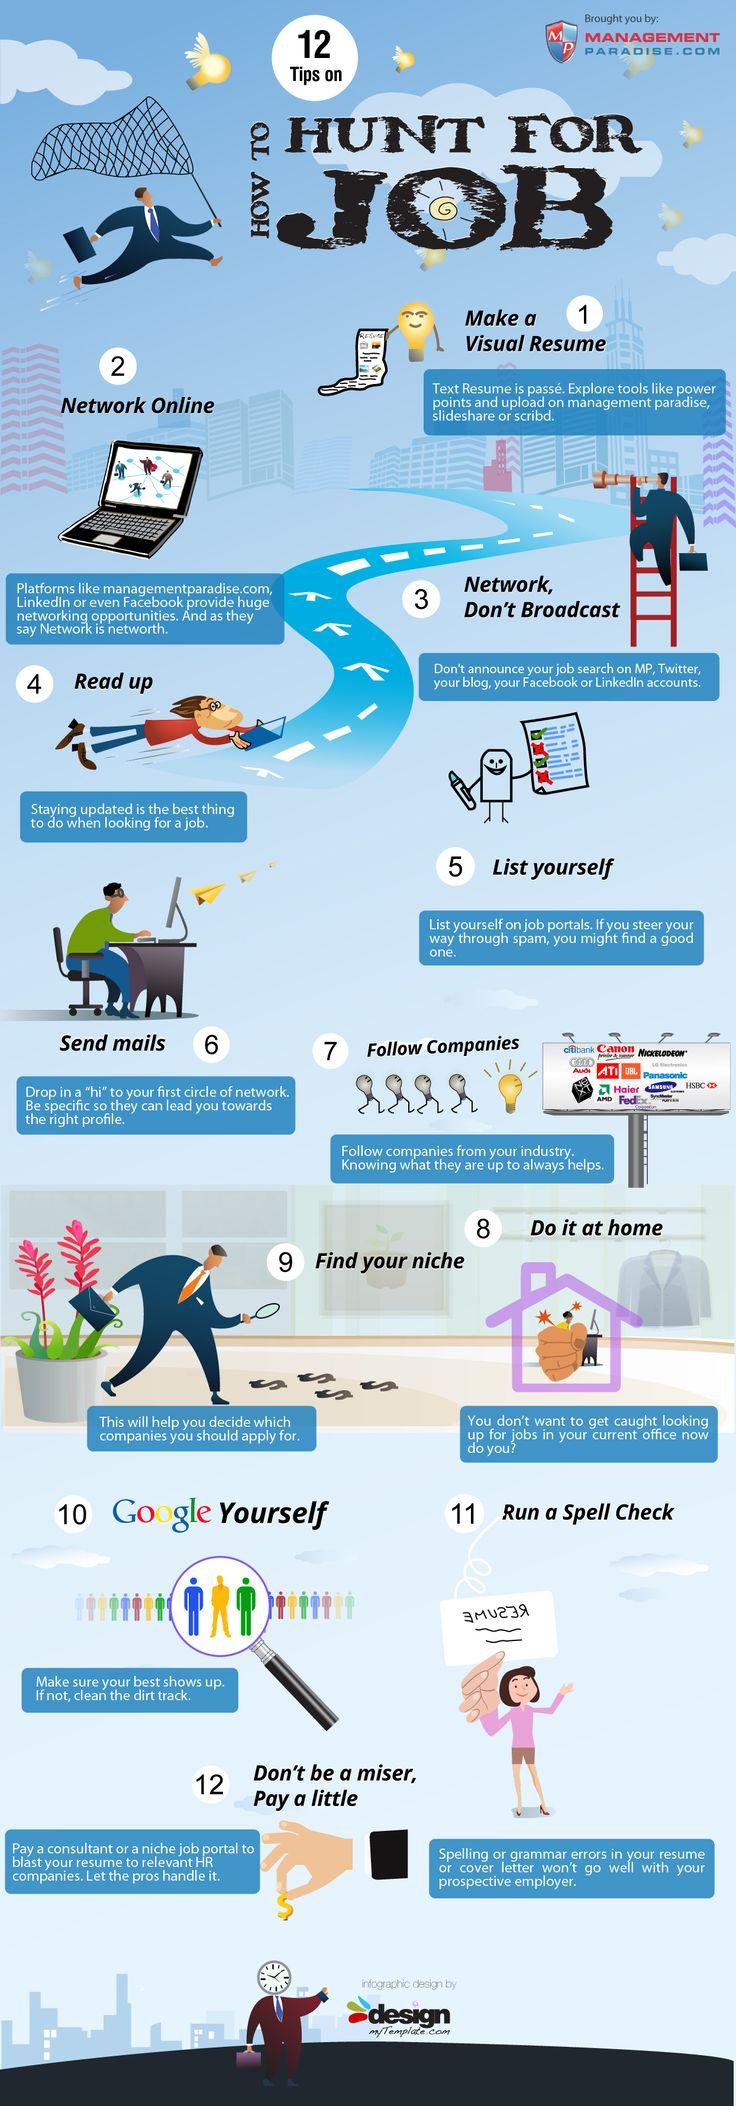 12 Tips On Job Hunting. Great Passive Program For Upperclassmen!